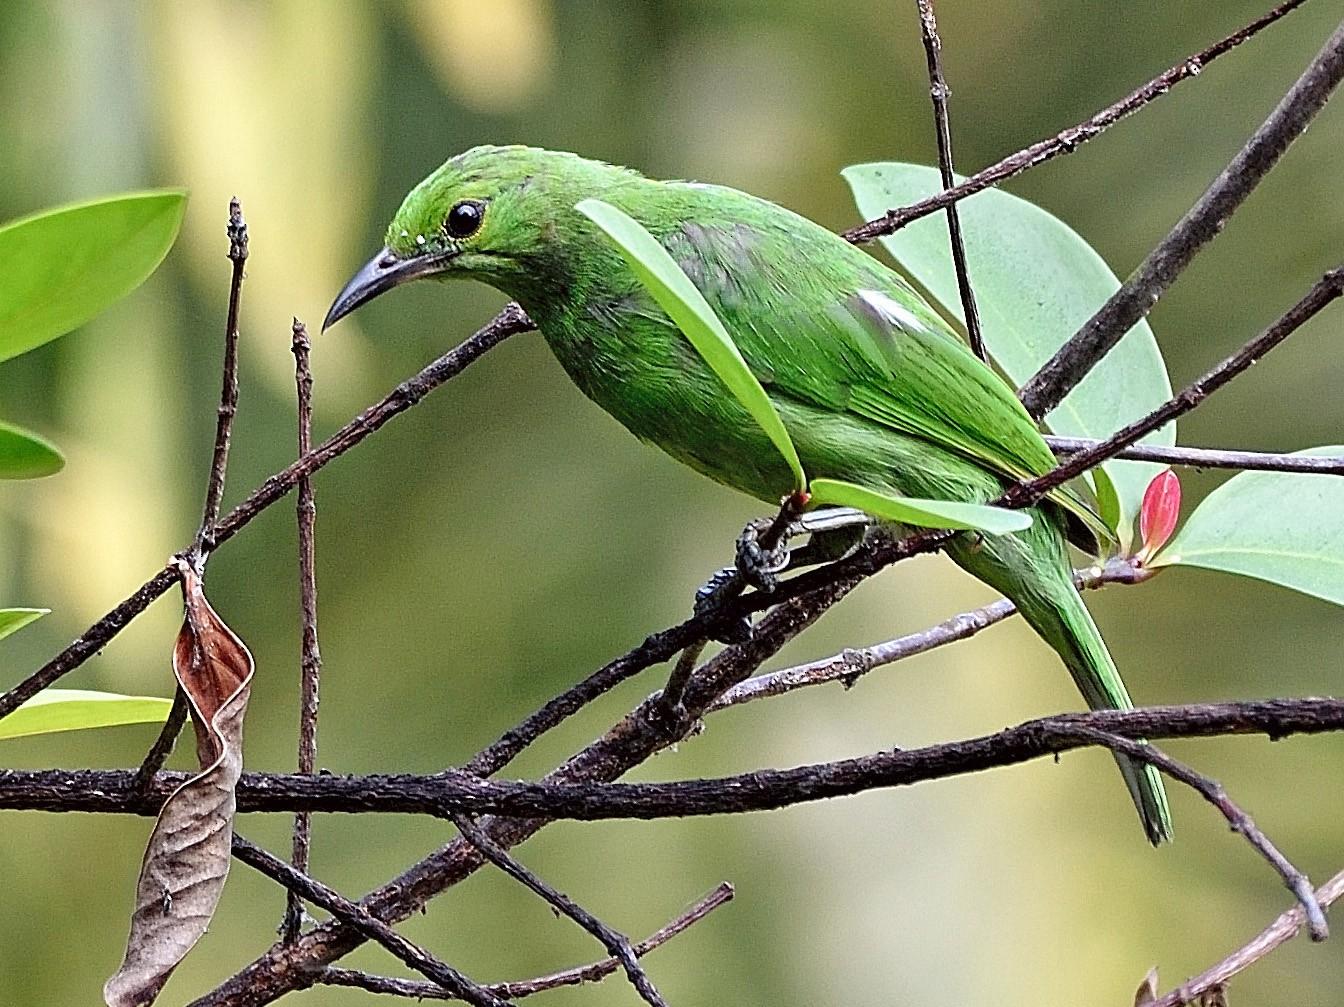 Golden-fronted Leafbird - Arun Prabhu